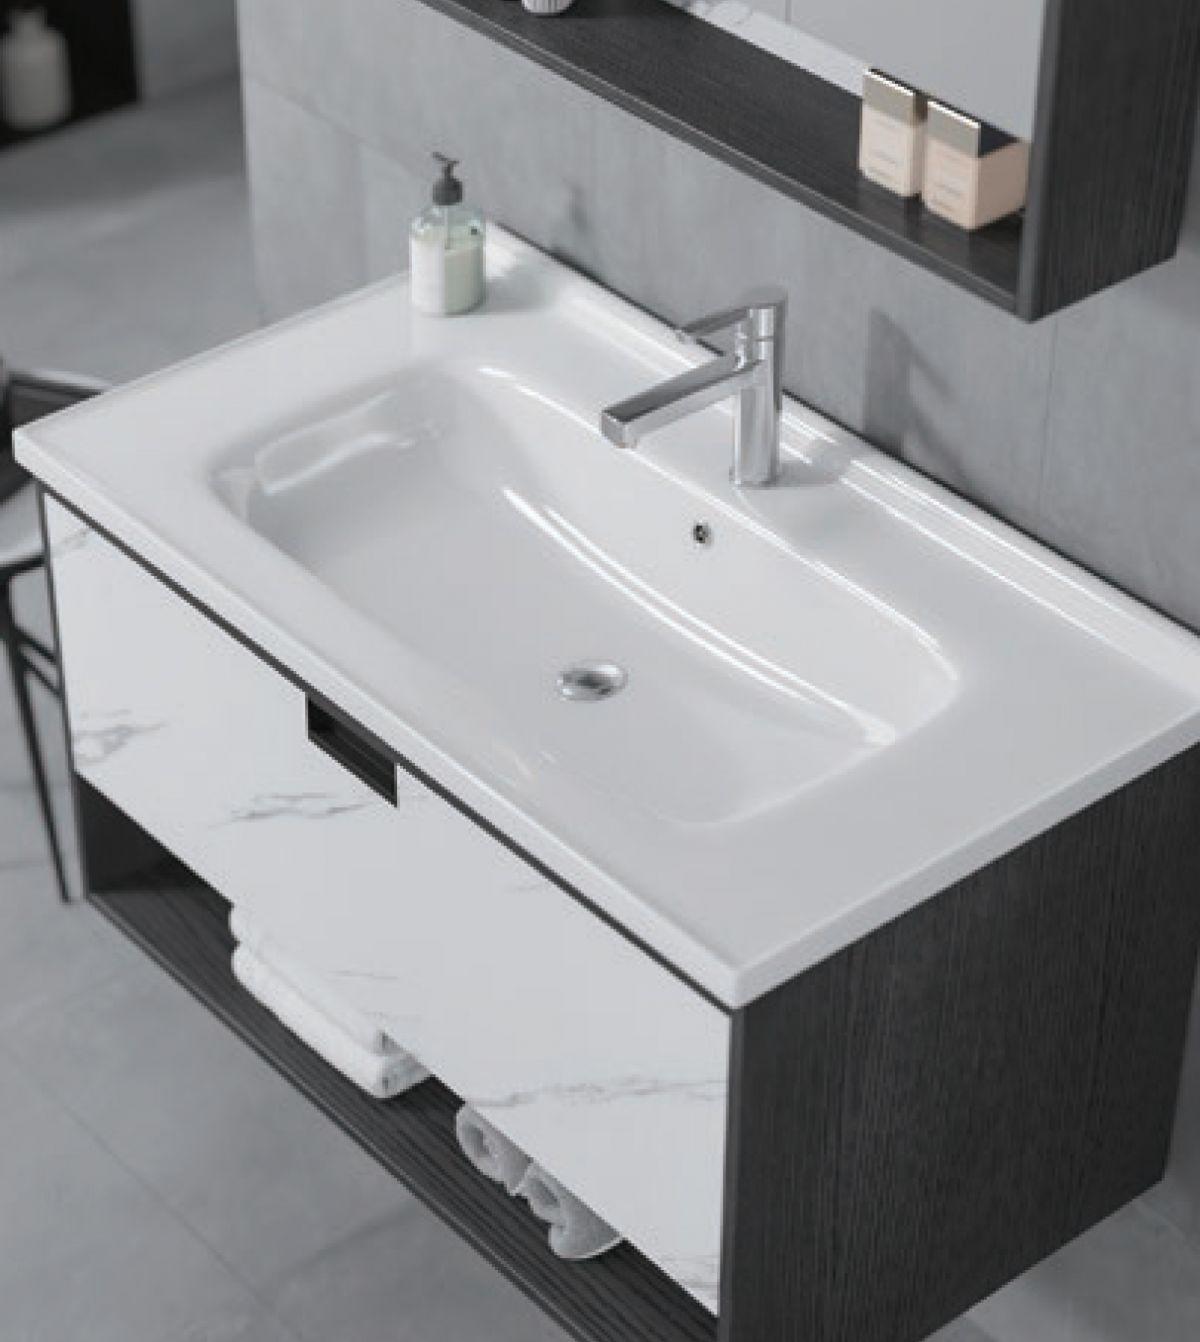 Mobile Bagno lisbona2 Mobile bagno Lisbona sospeso da 80 cm grigio effetto legno e bianco effetto marmo con lavabo specchio contenitore